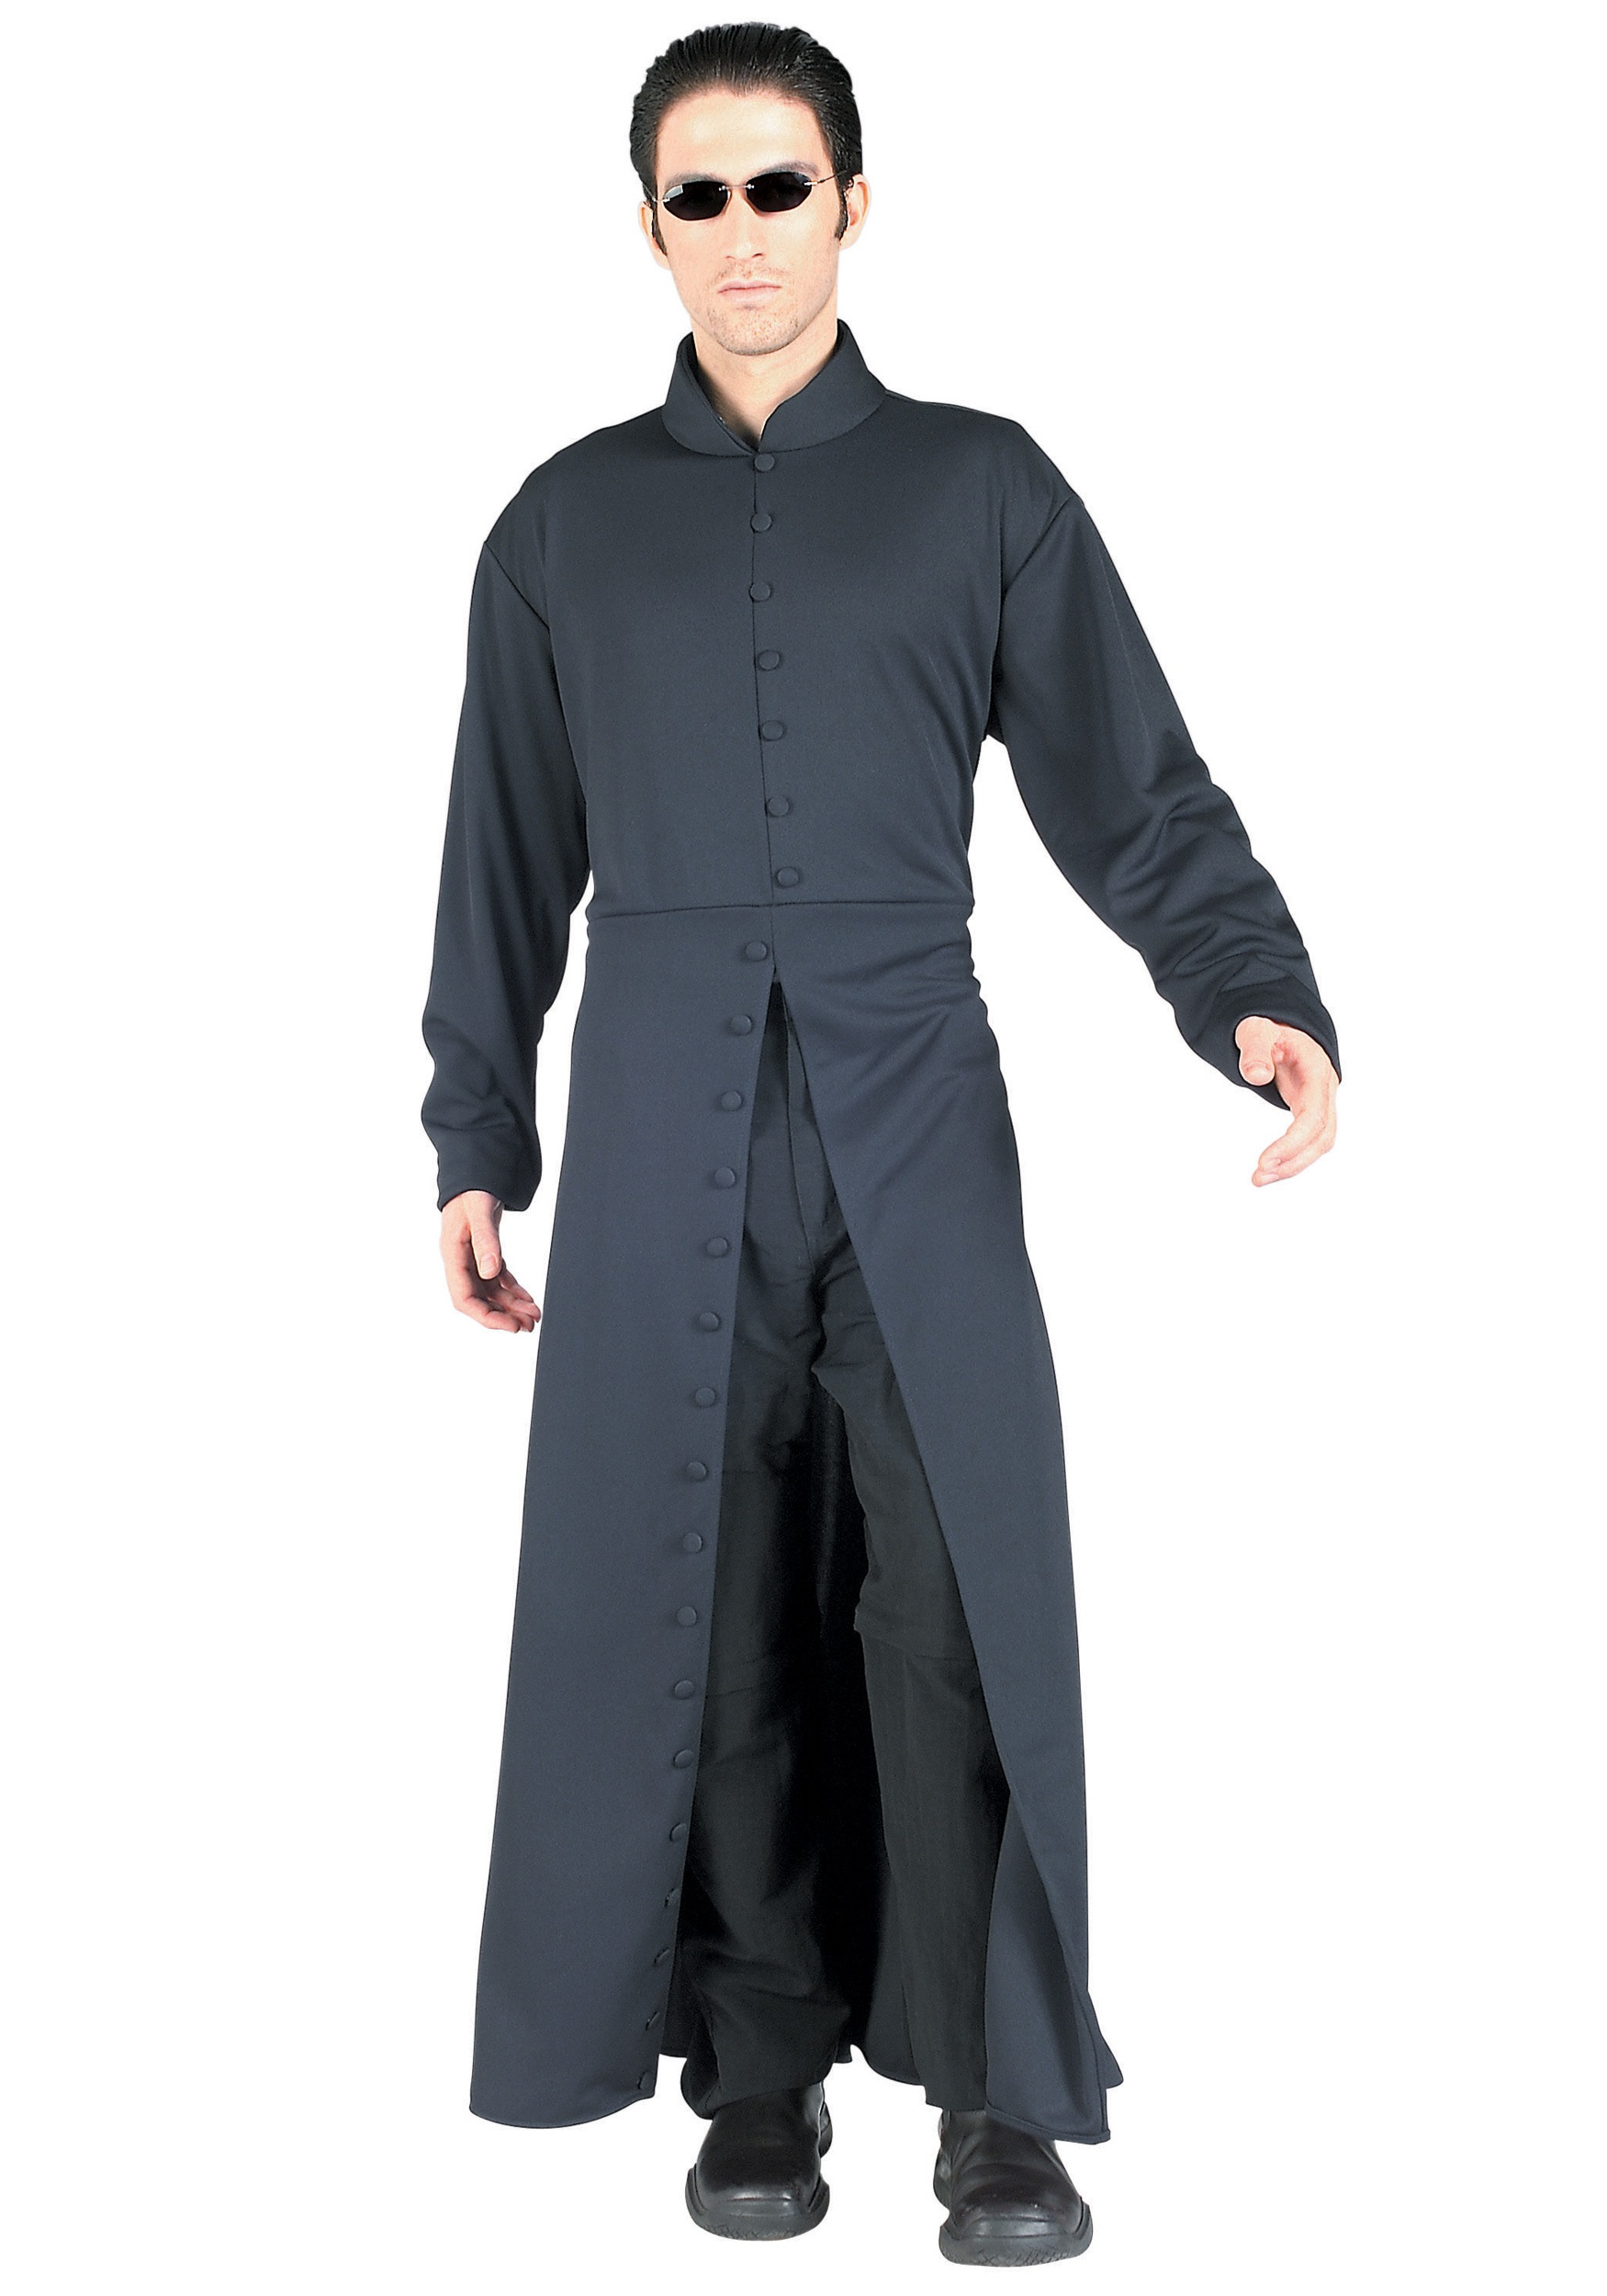 Matrix Costumes